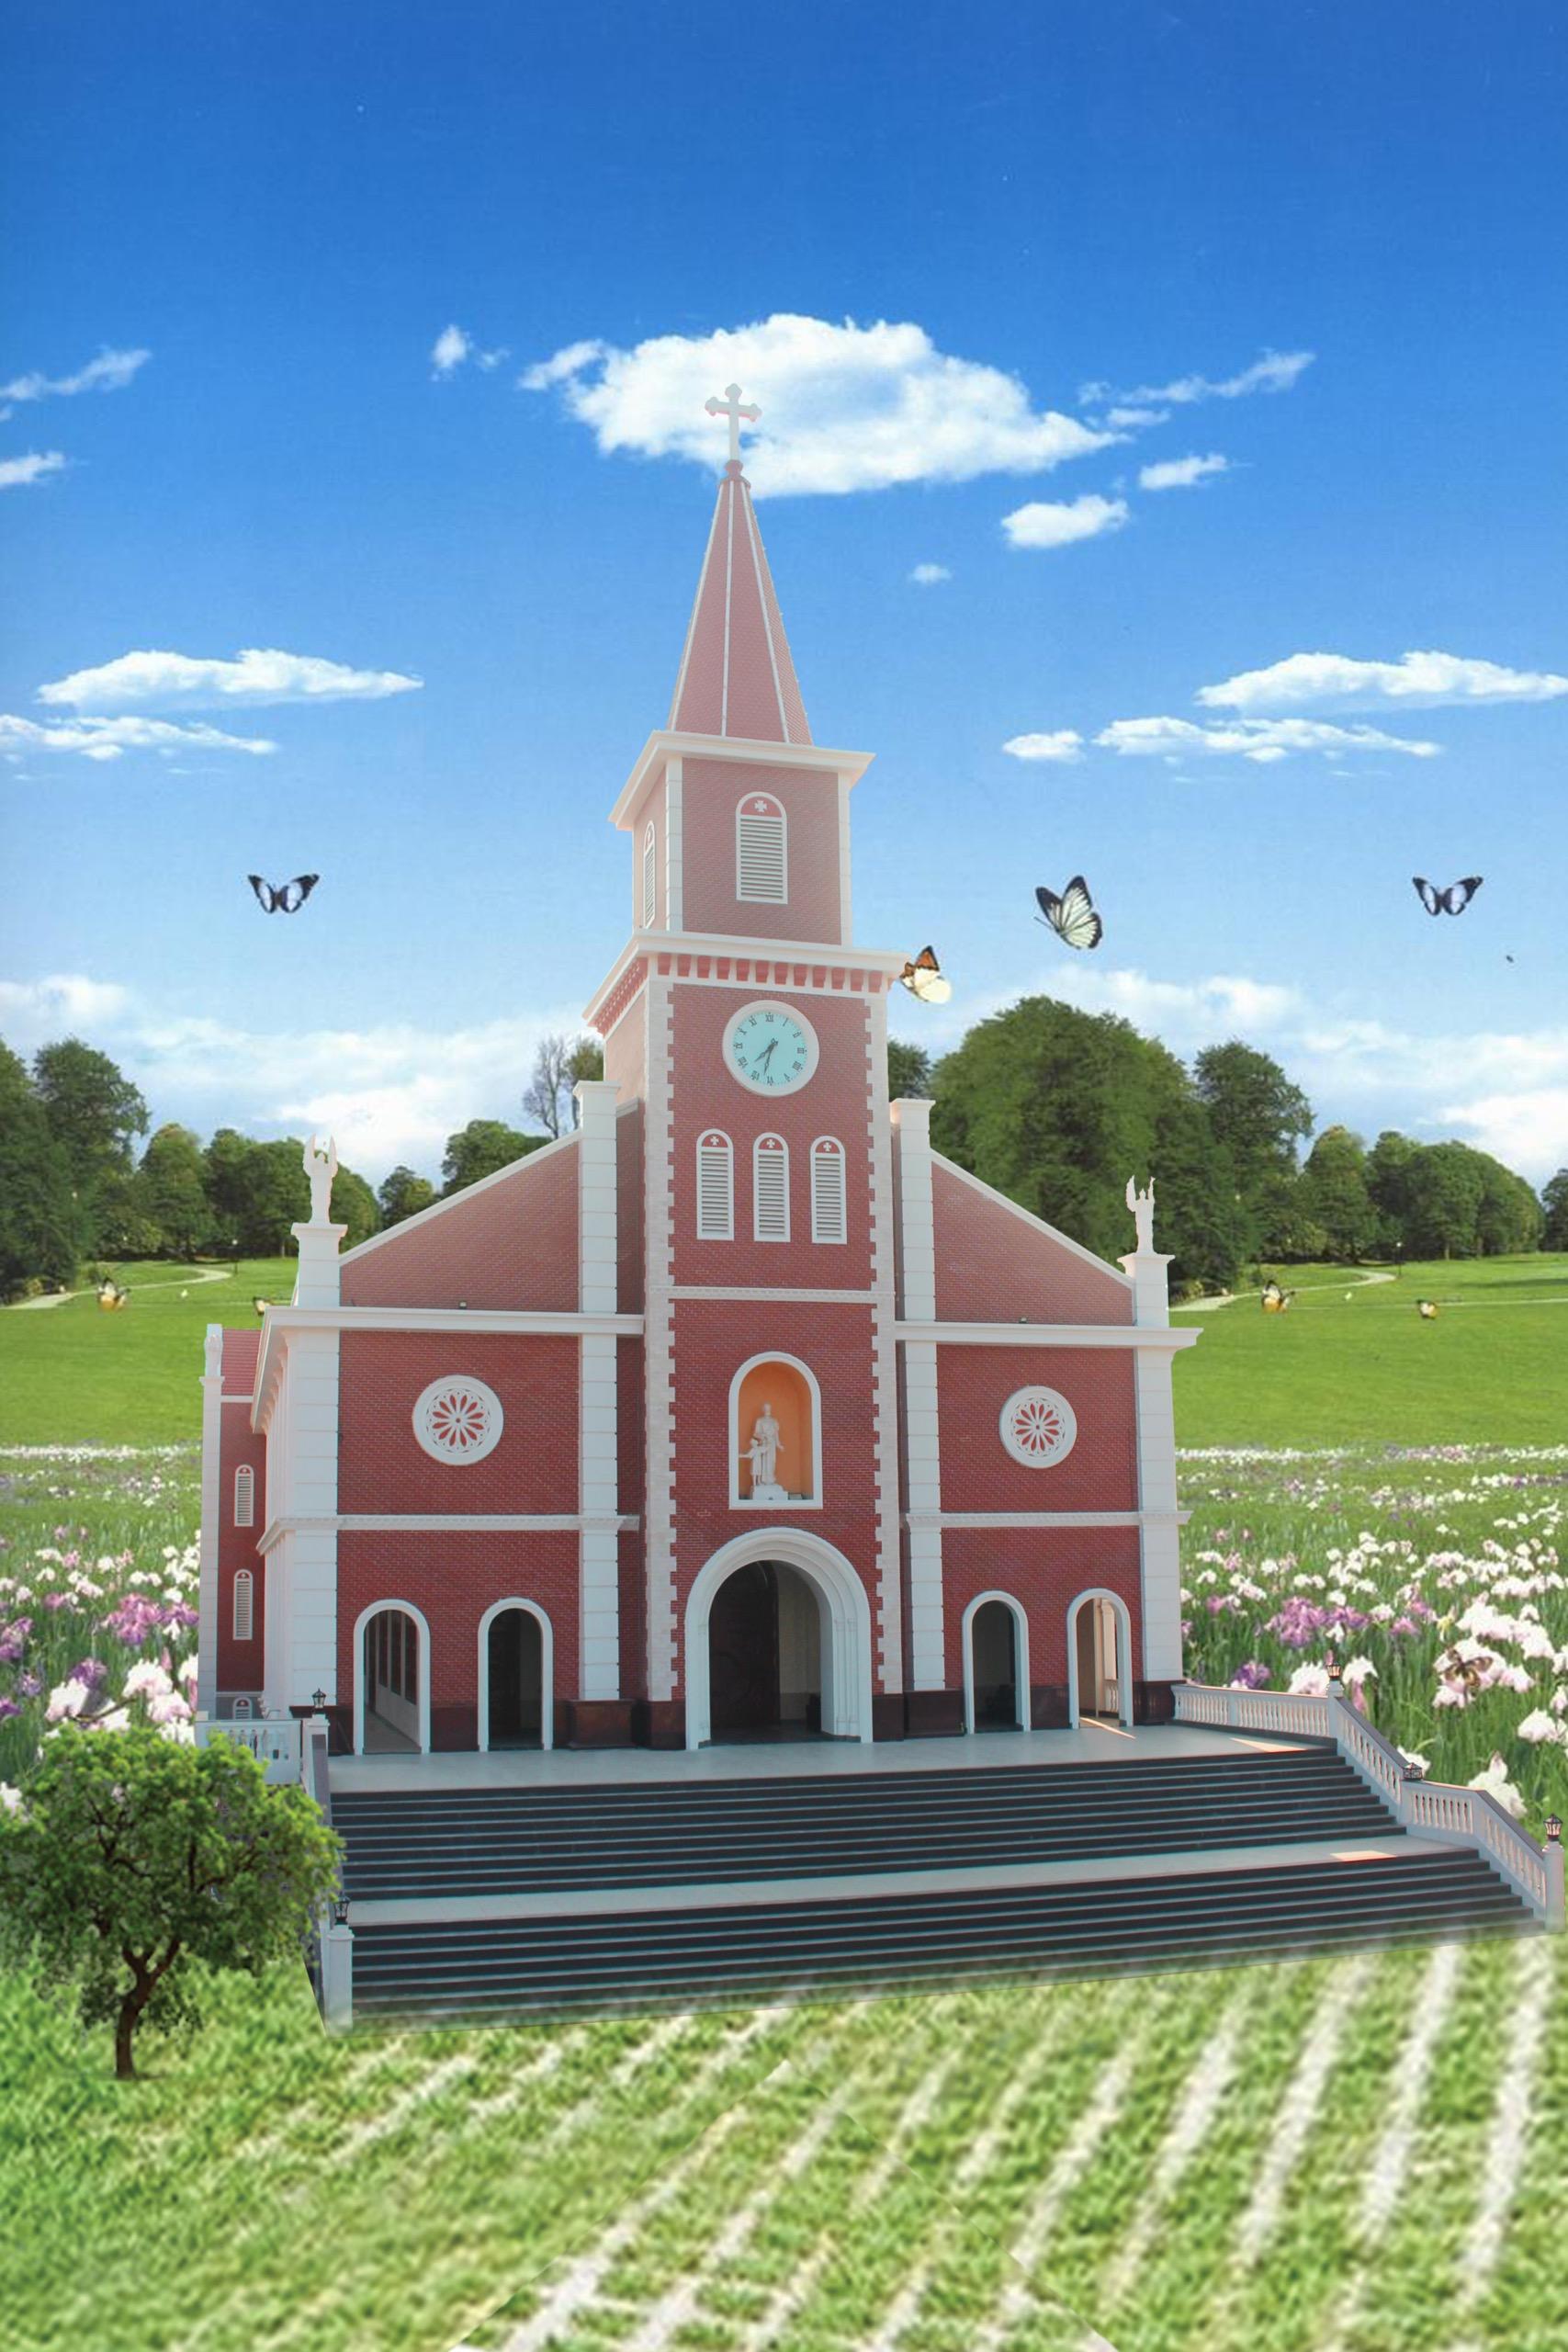 Dòng Mến Thánh Giá Cái Nhum: Thánh Lễ Tạ Ơn - Làm Phép Nhà Nguyện và Thánh Hiến Bàn Thờ 03.5.2021